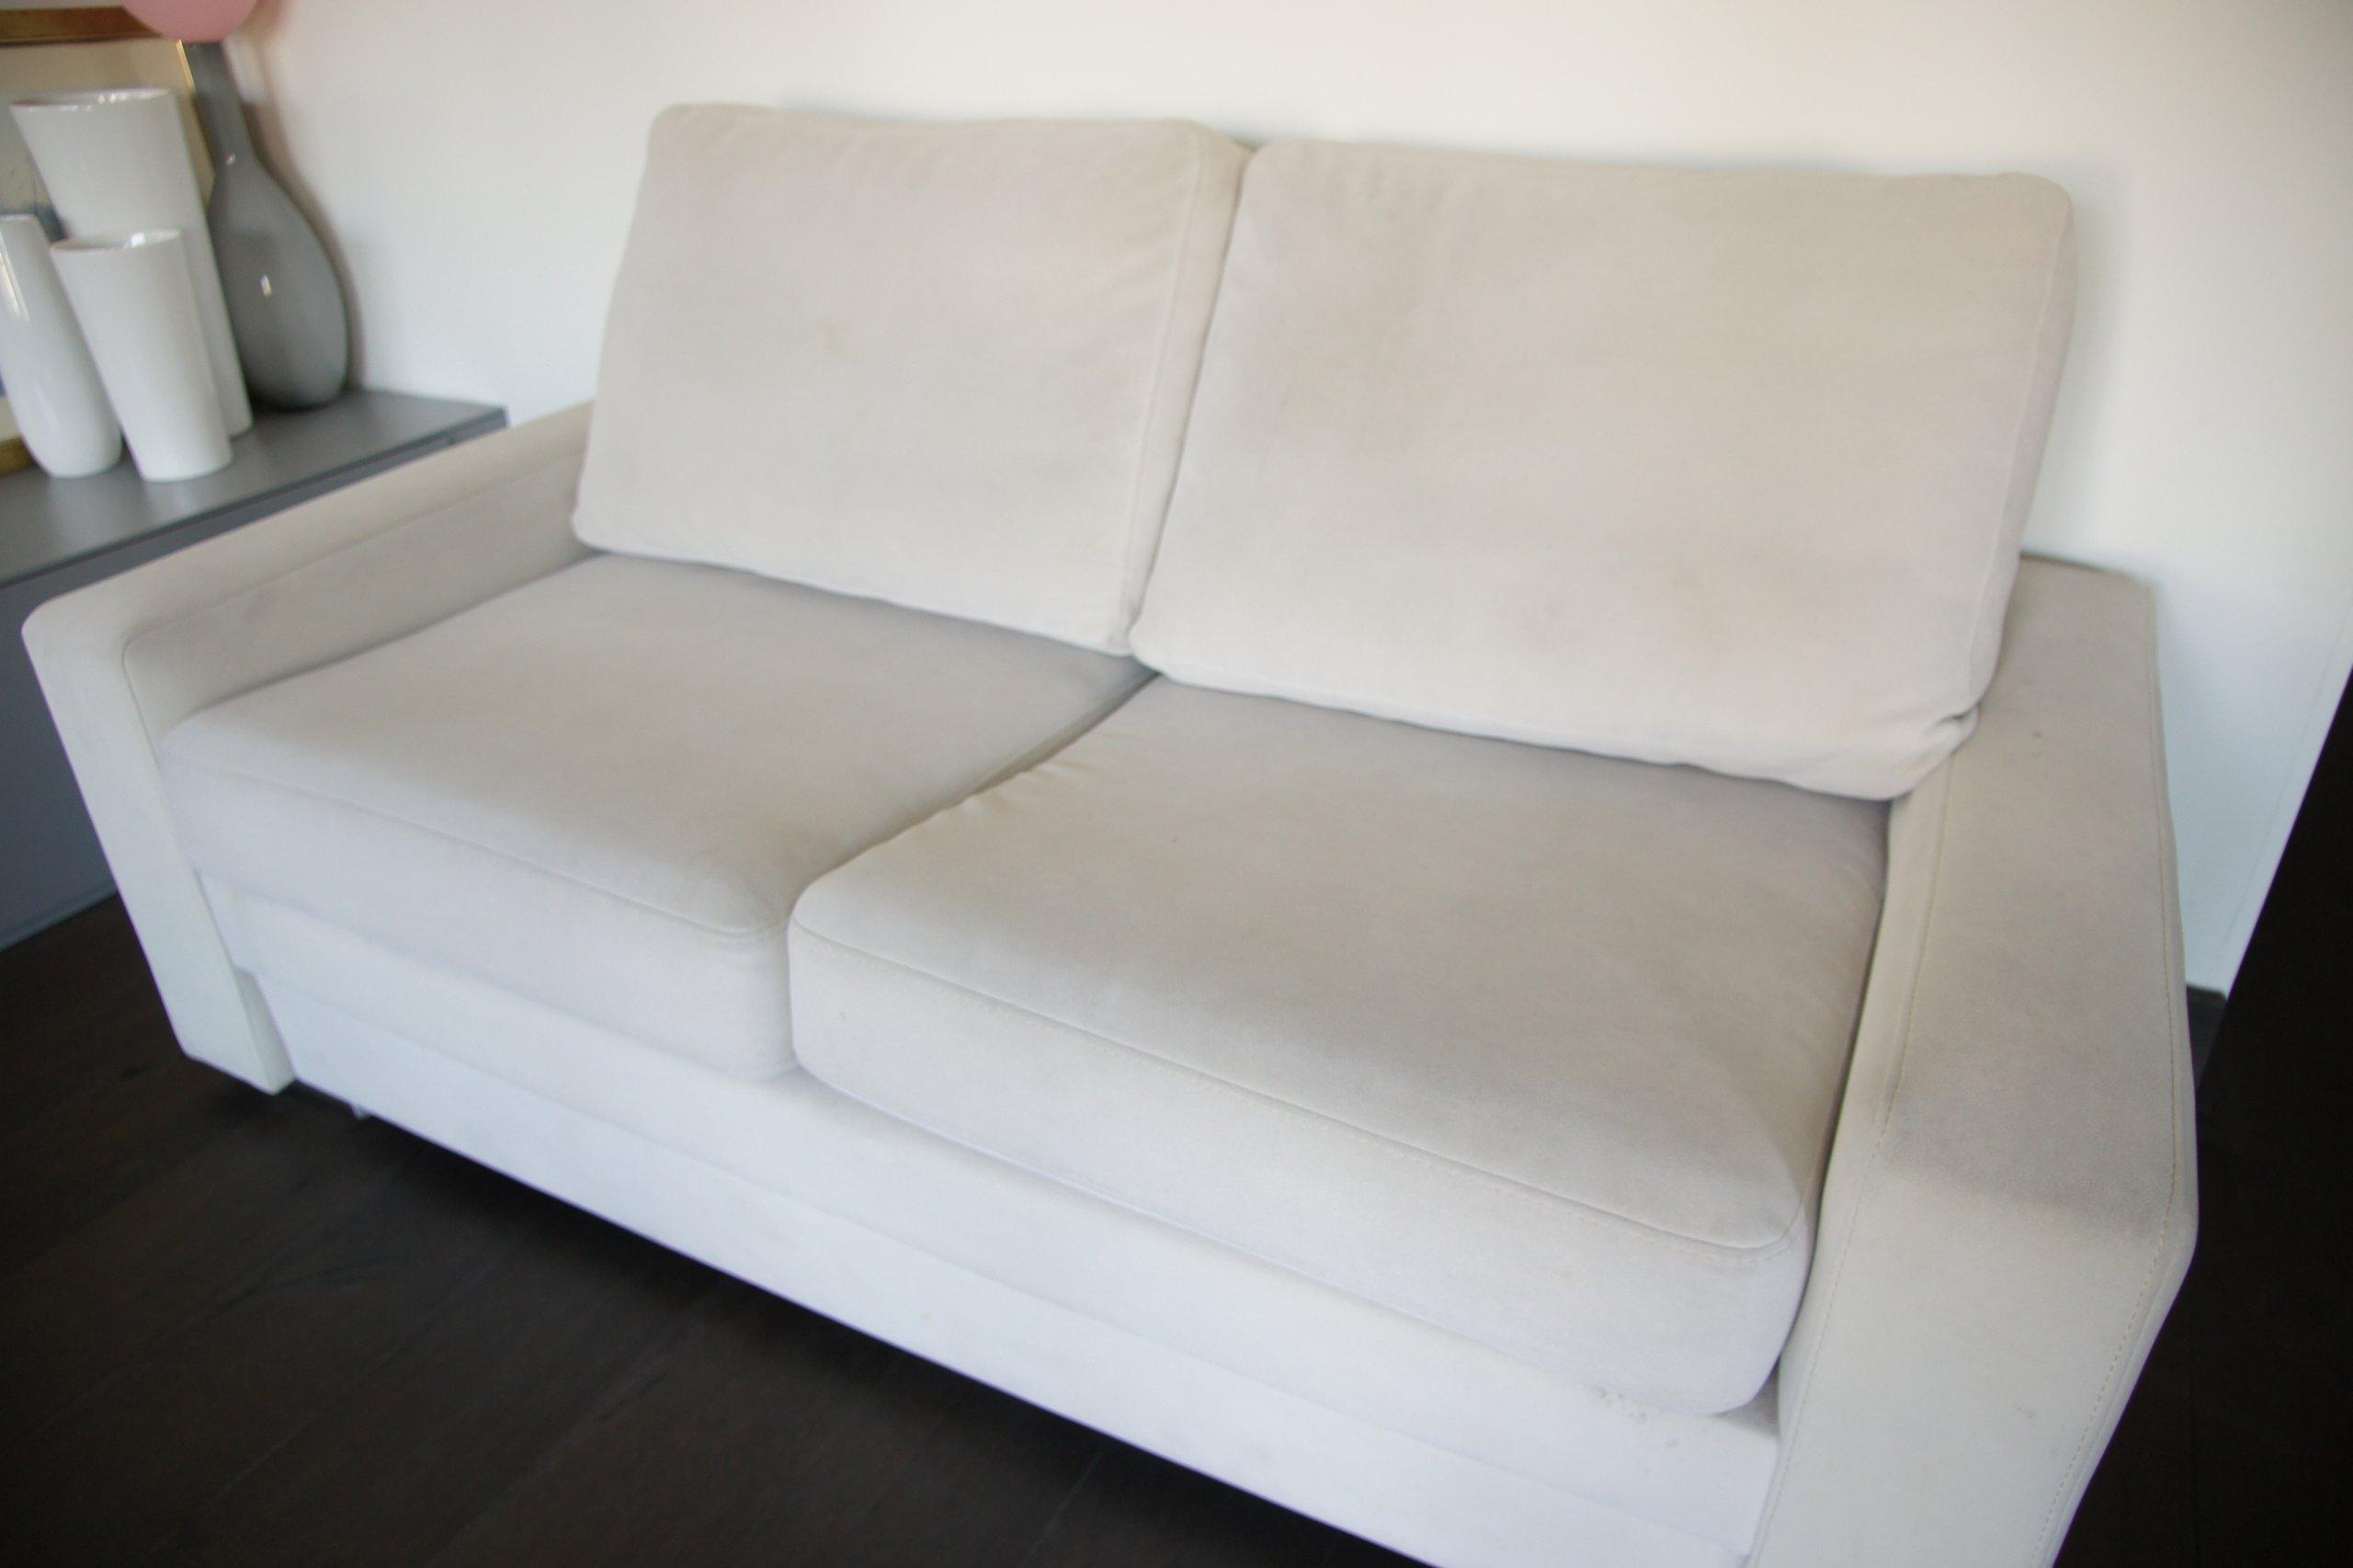 Sofa Dwuosobowa Rozkładana Z Funkcją Spania 6981532258 Oficjalne